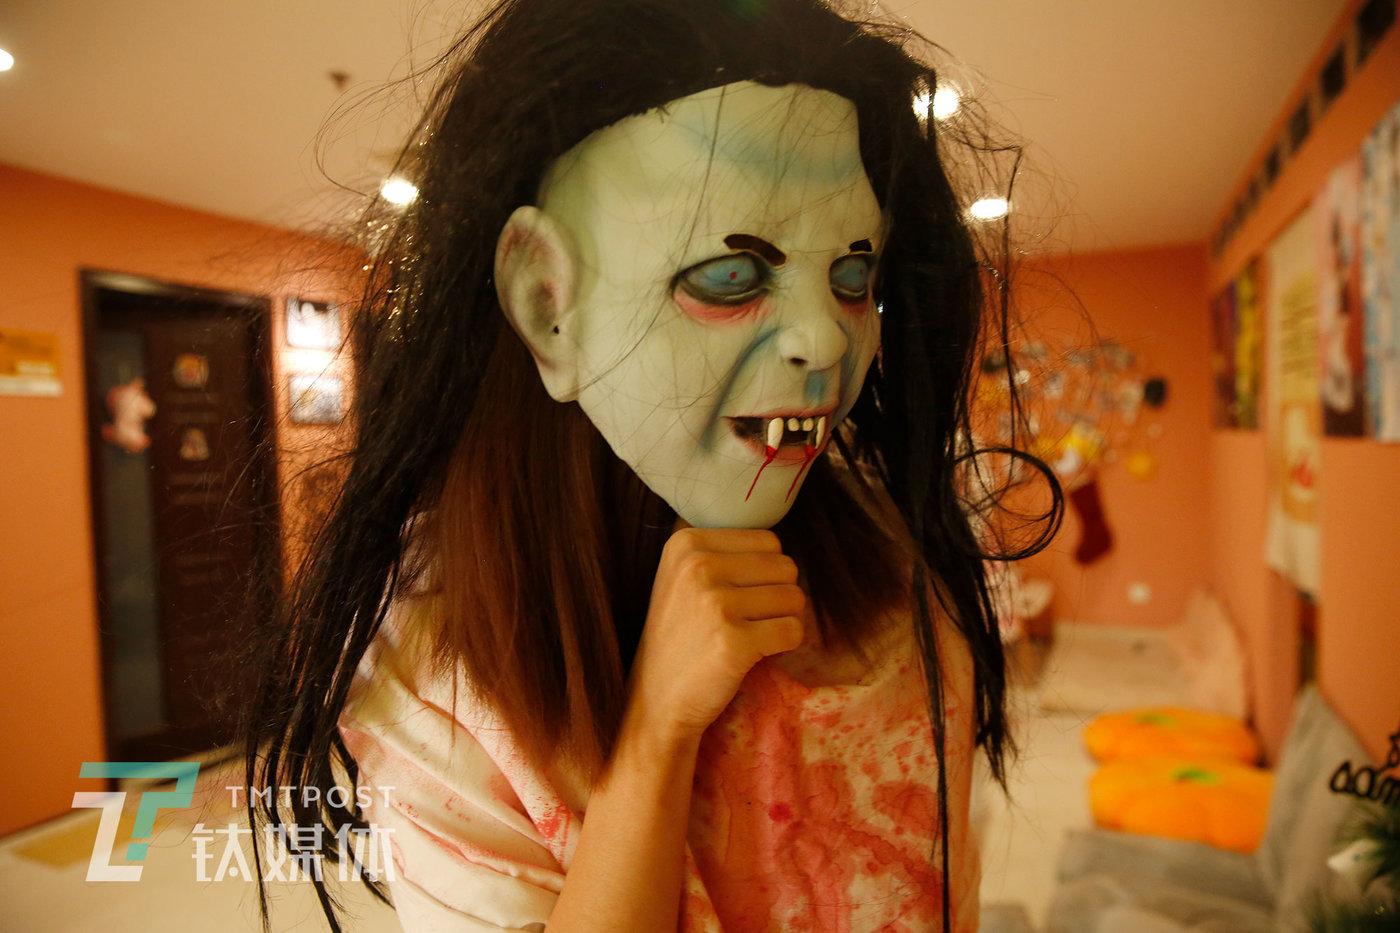 女仆助教怖雷克陪客人玩桌游,在游戏中扮演鬼。